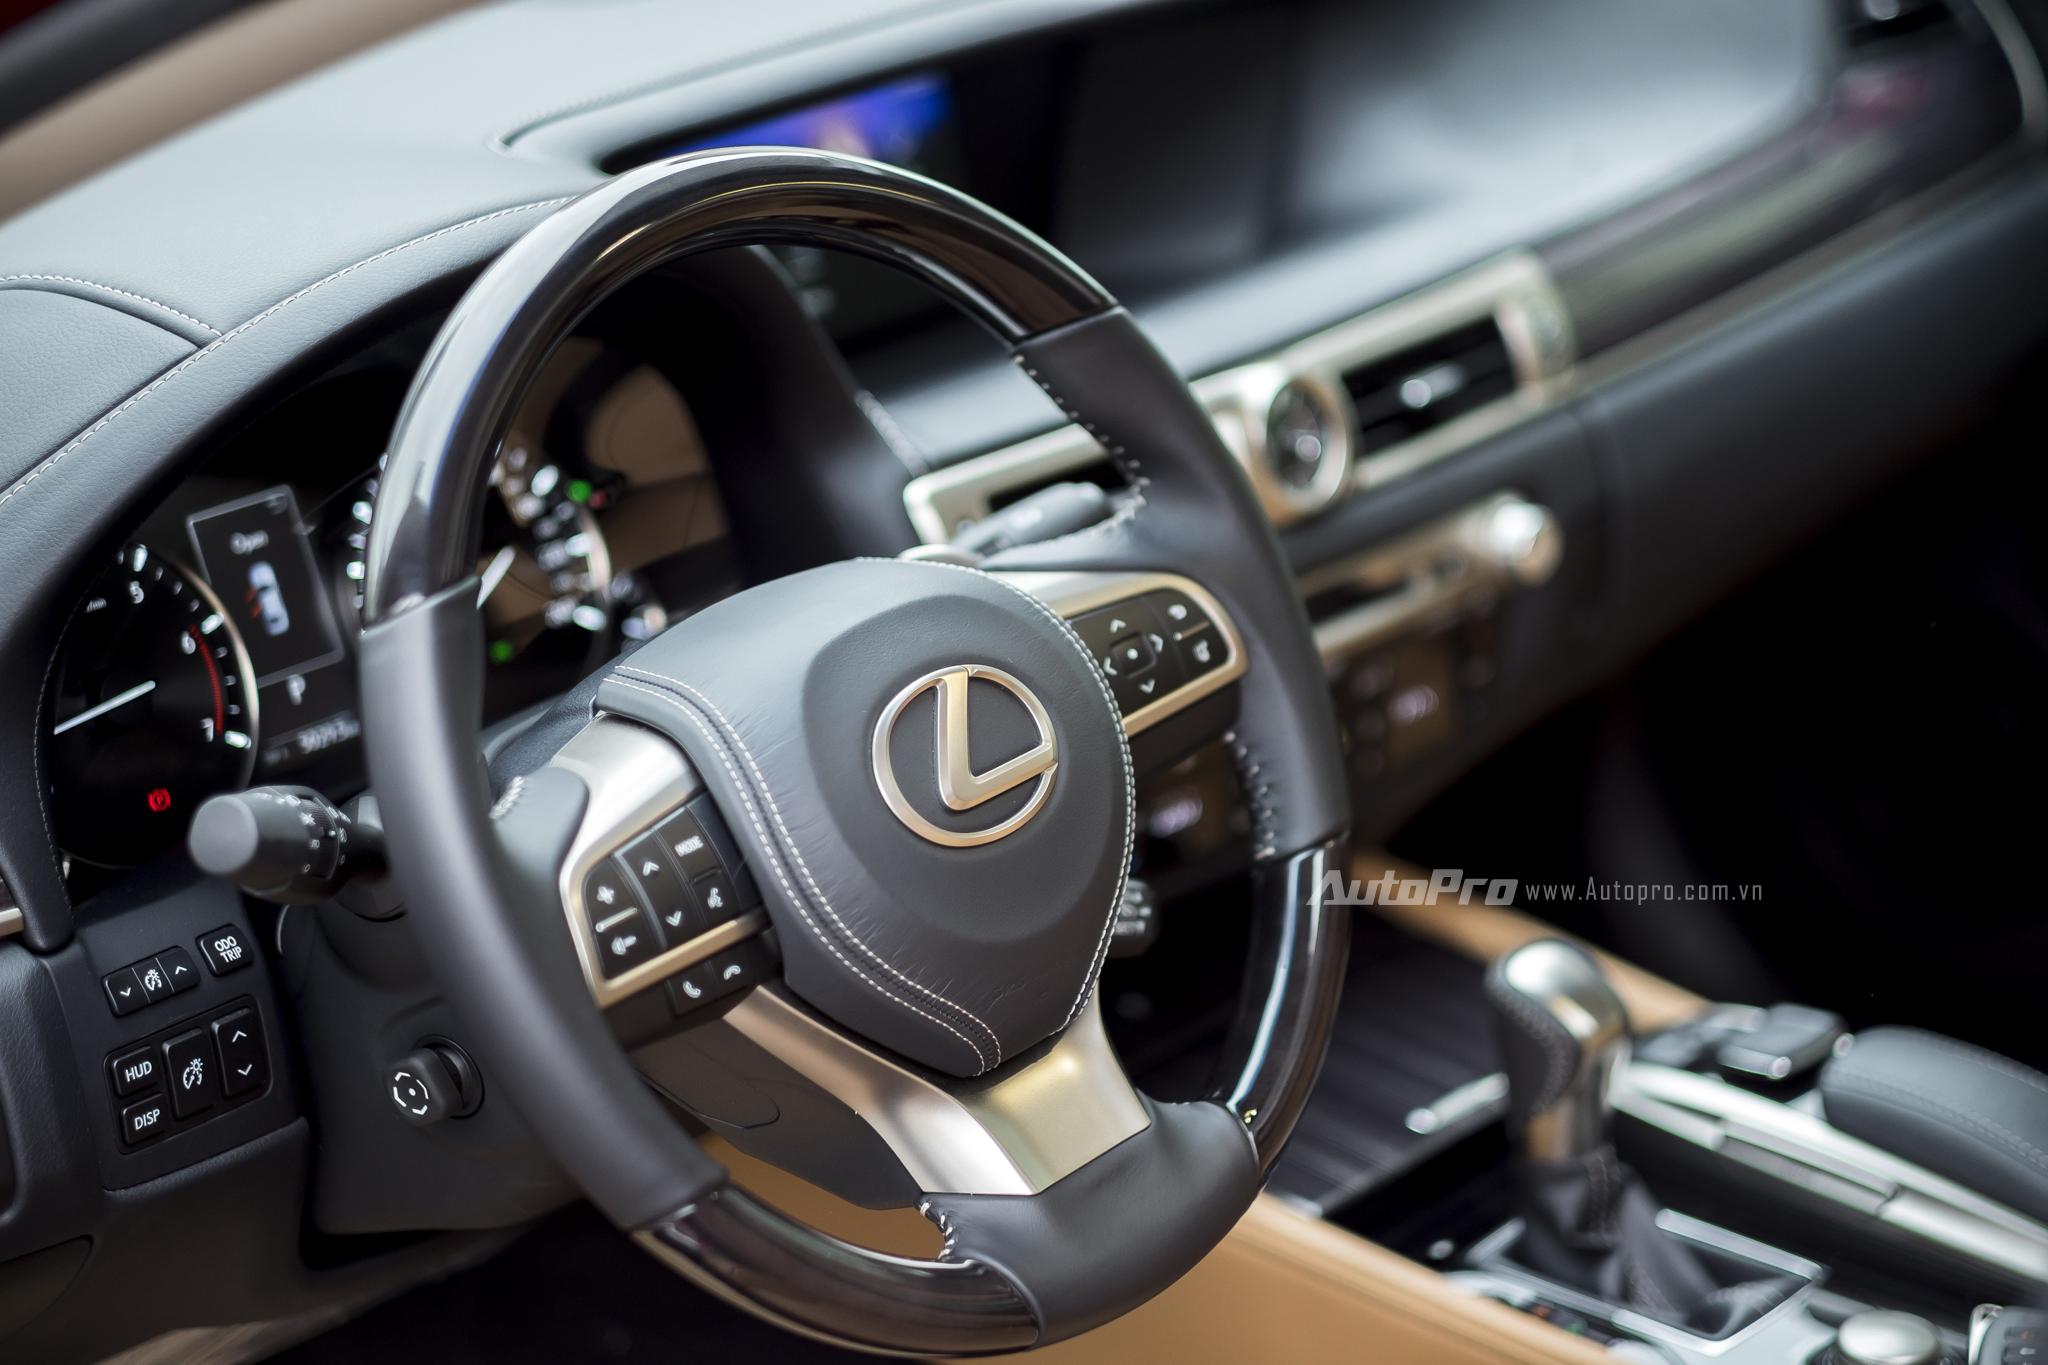 Vô-lăng ba chấu cùng hàng loạt nút bấm được trang bị trên Lexus GS200t. Bên cạnh đó, xe cũng được trang bị lẫy gẩy số trên tay lái và cần gạt kích thoạt hệ thống kiểm soát hành trình Cruise Control ở bên phải.